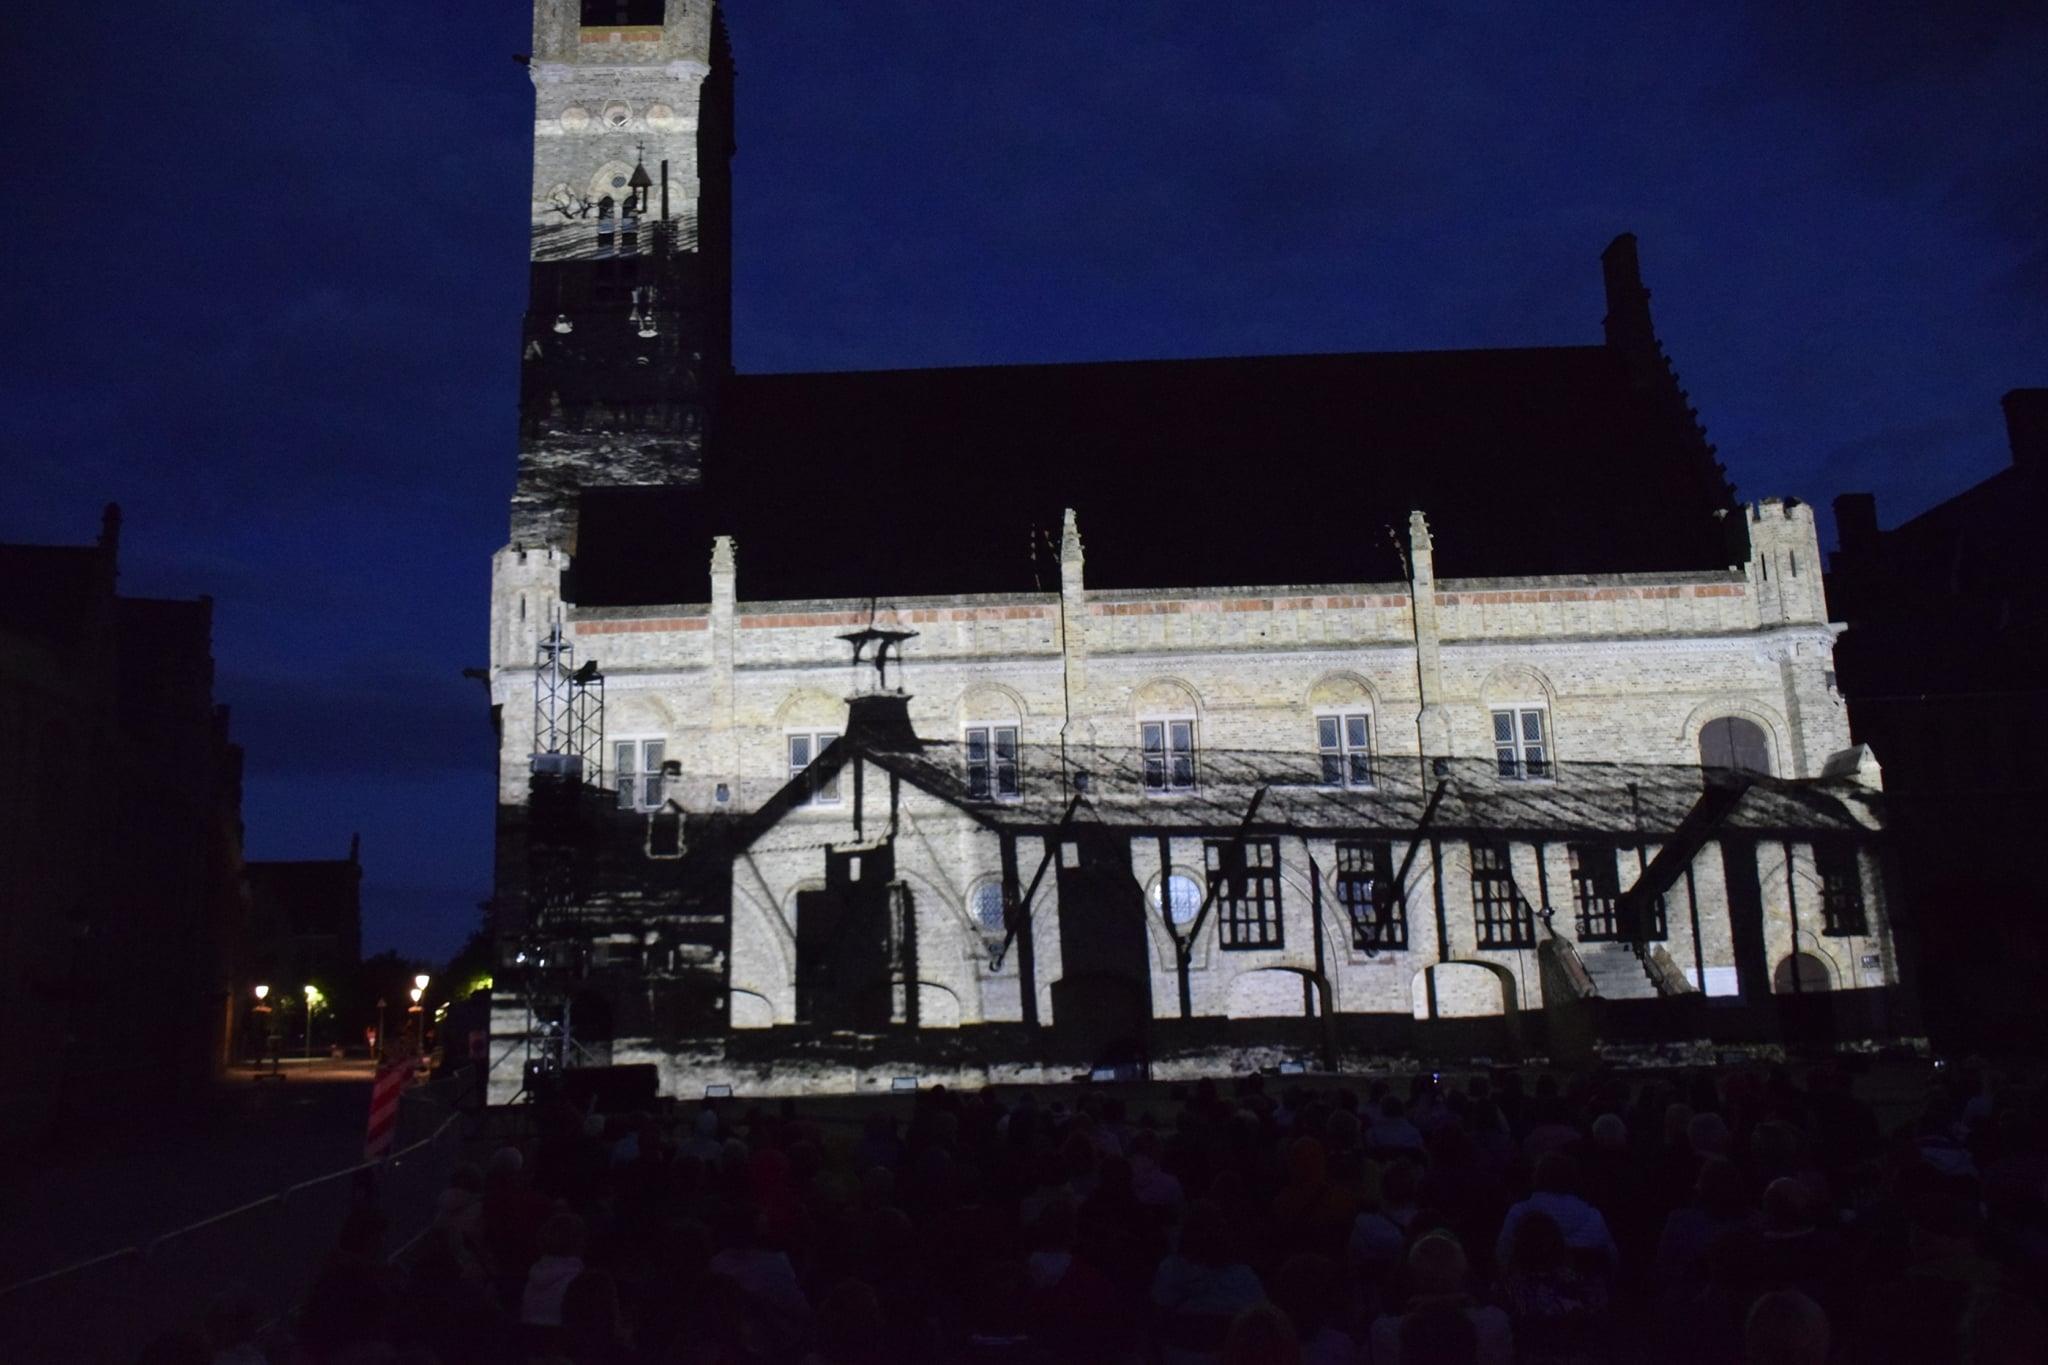 Videomapping historische beelden - Stadshal nieuwpoort